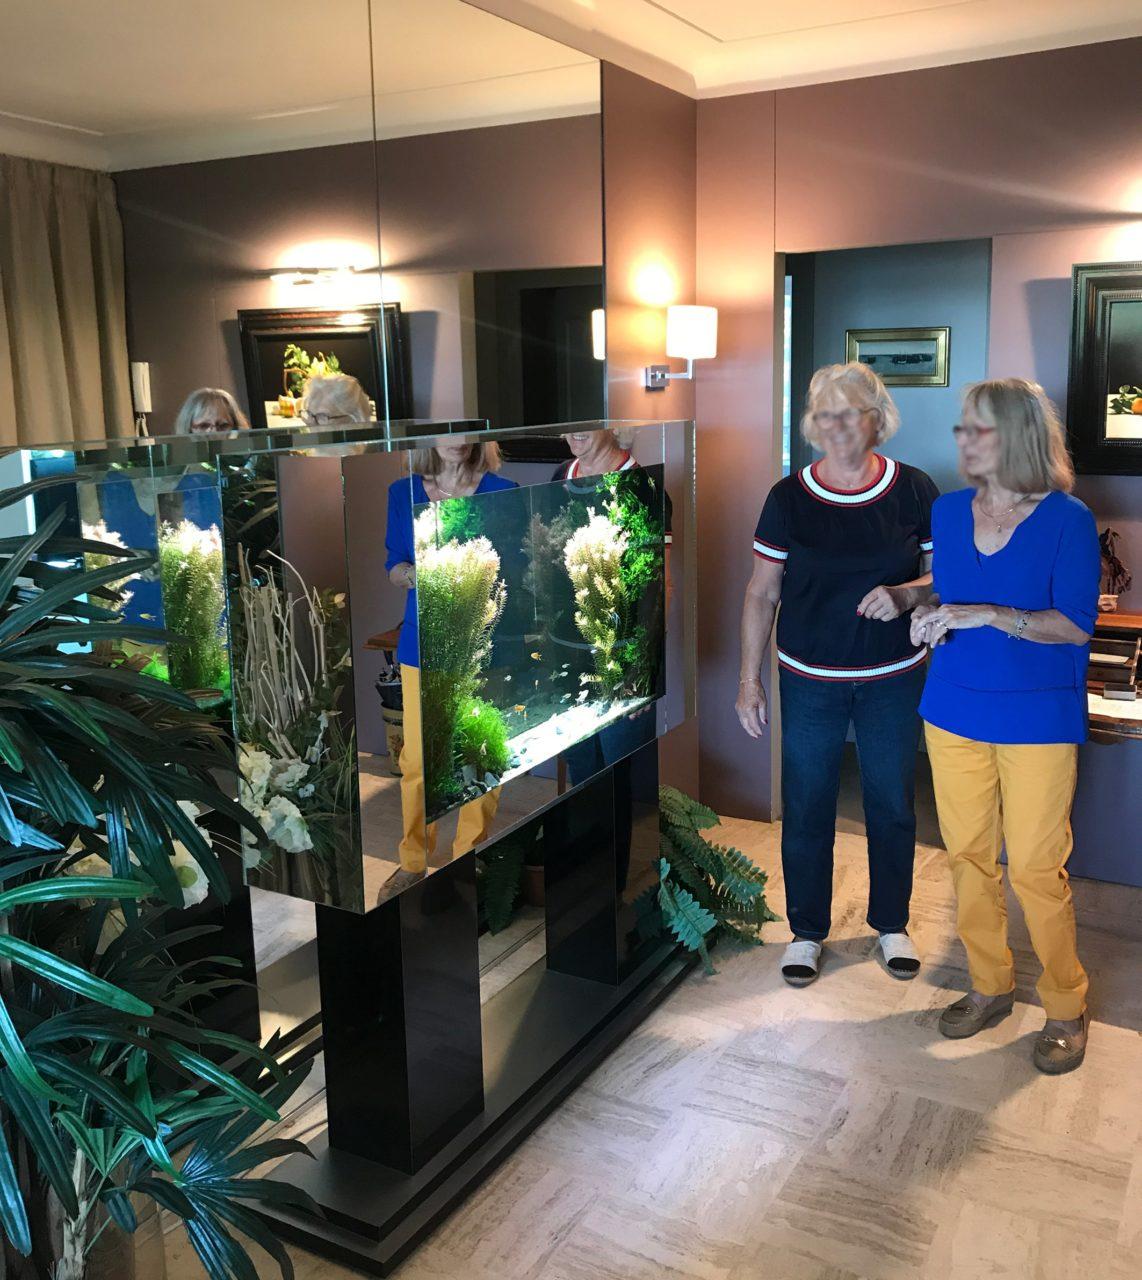 Aquarium miroir sur-mesure, 300L chez un particulier à Nantes